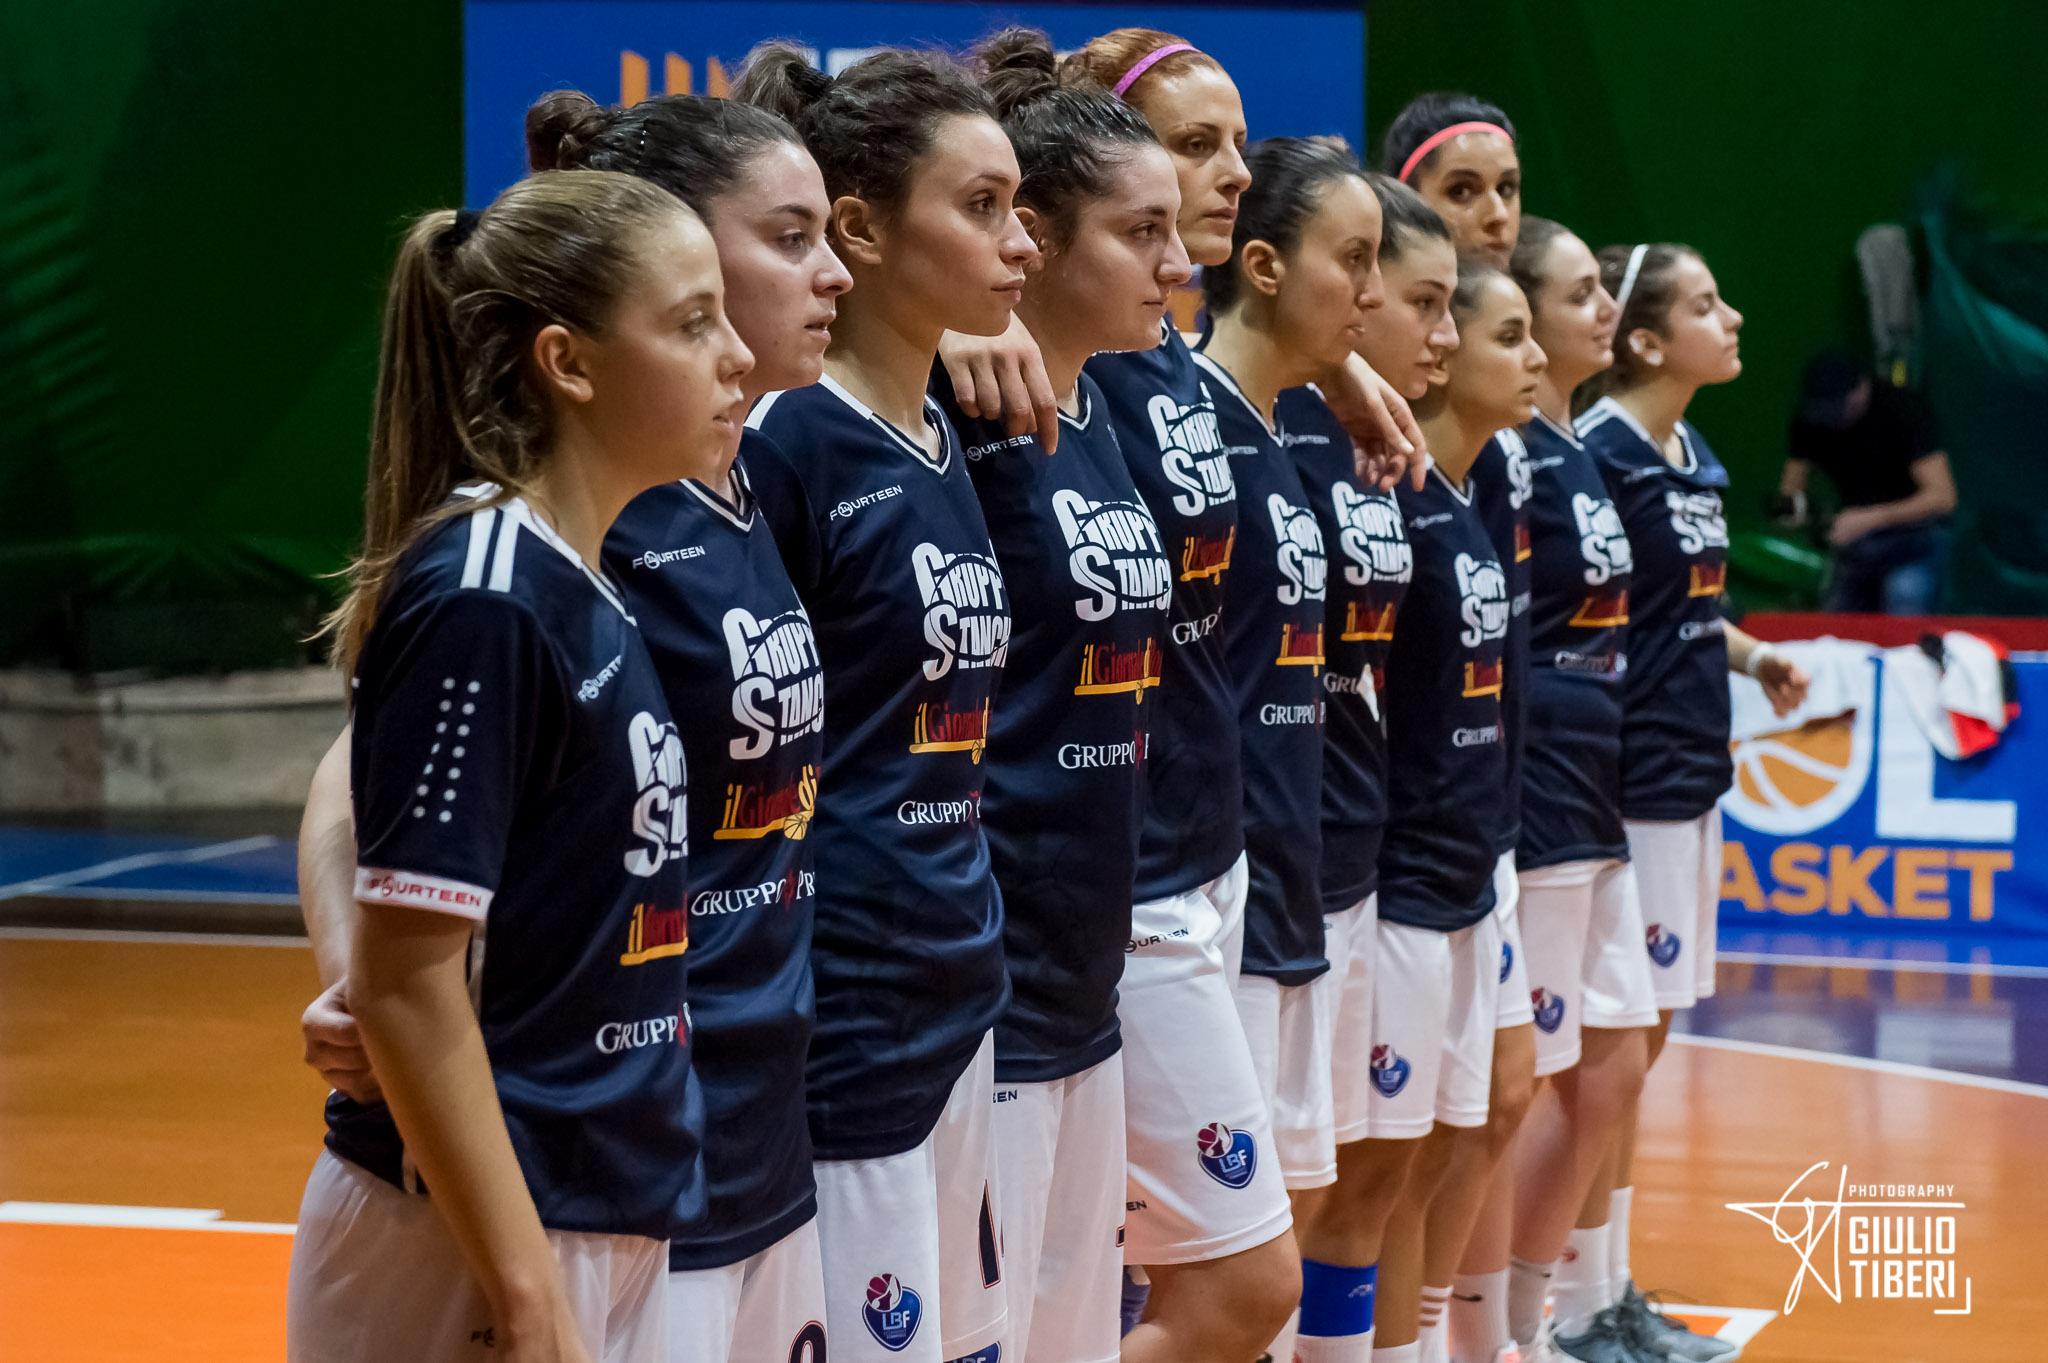 Lega A1 Femminile Sorbino Cup 1^di ritorno ed A2 girone Sud 14^ 2018-19: i derby tra Athena ed Elite e Savona-LaSpezia, poi Umbertide-Campobasso e Geas-Ragusa